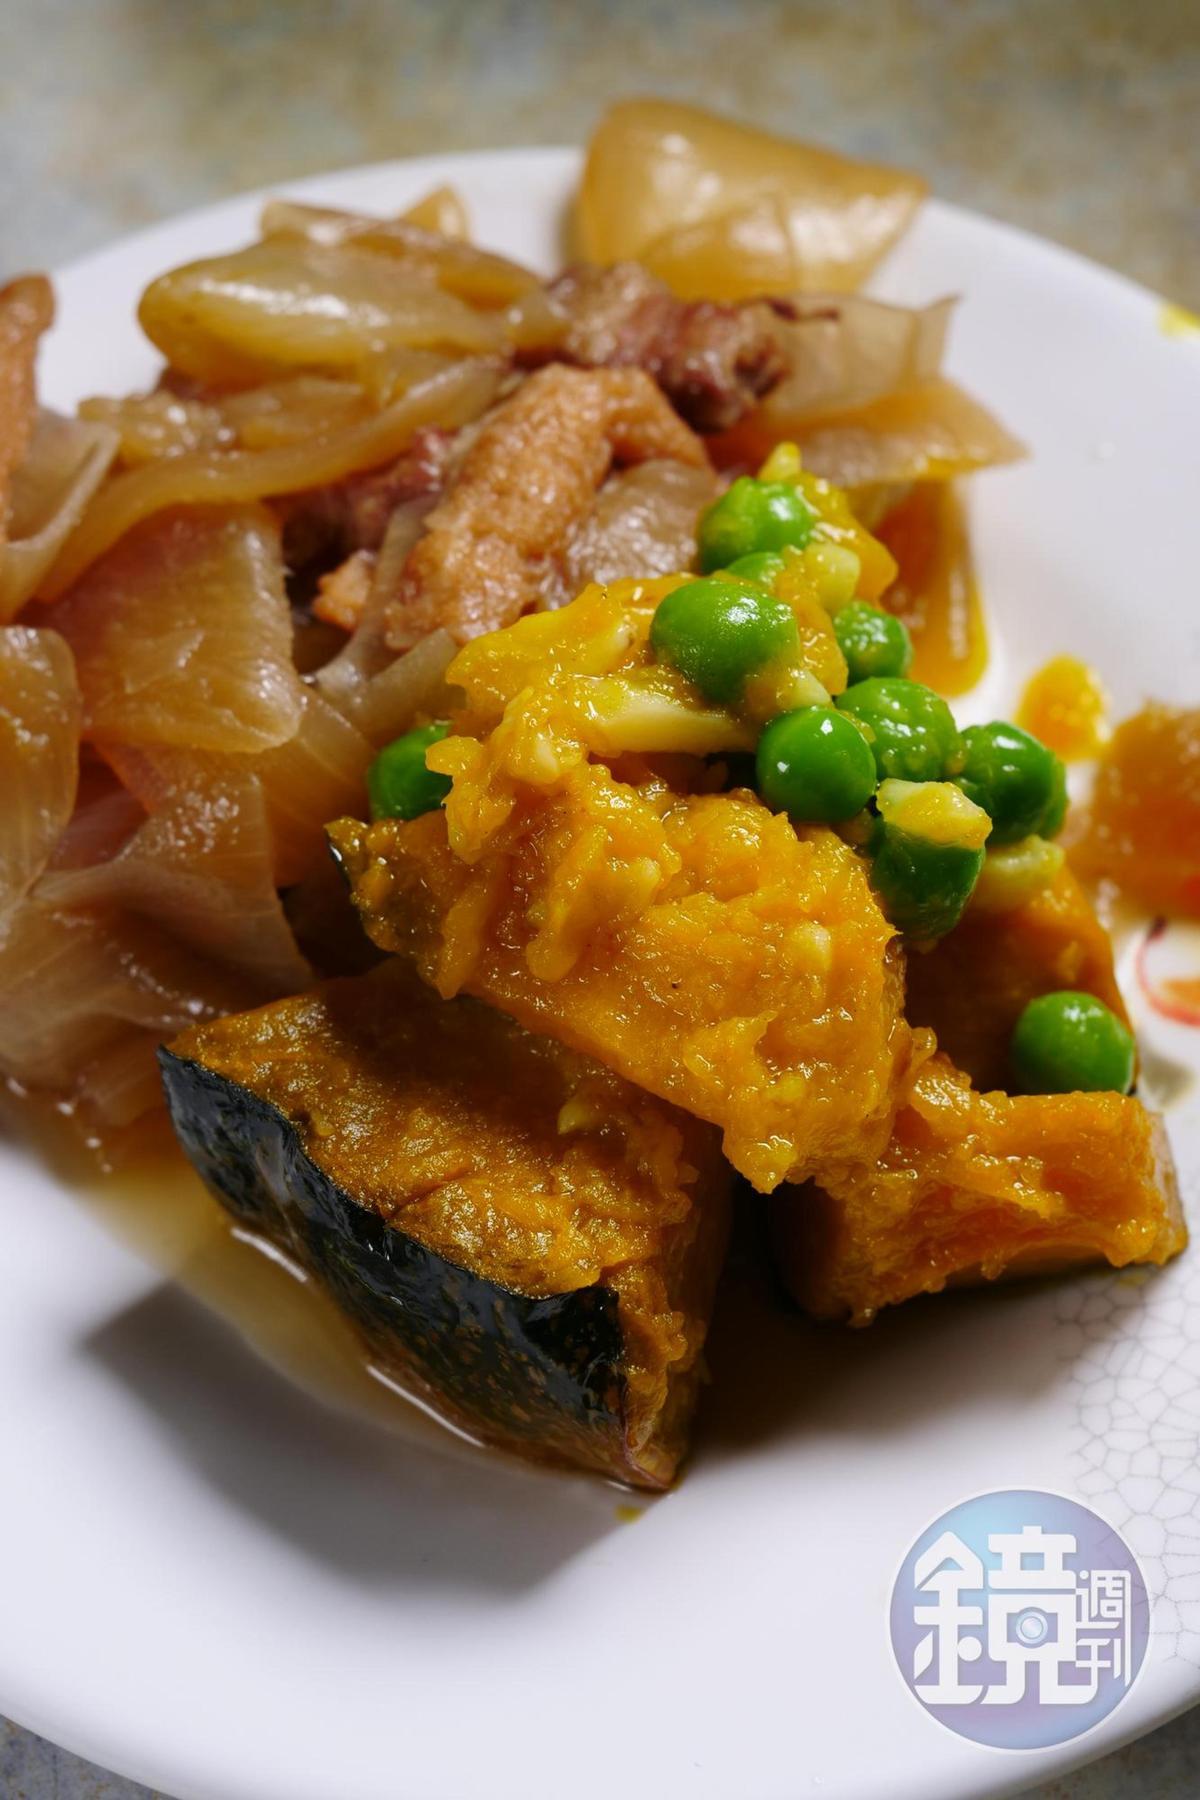 南瓜煮得鬆軟好吃,洋蔥炒肉則是日式馬鈴薯燉肉的風味。